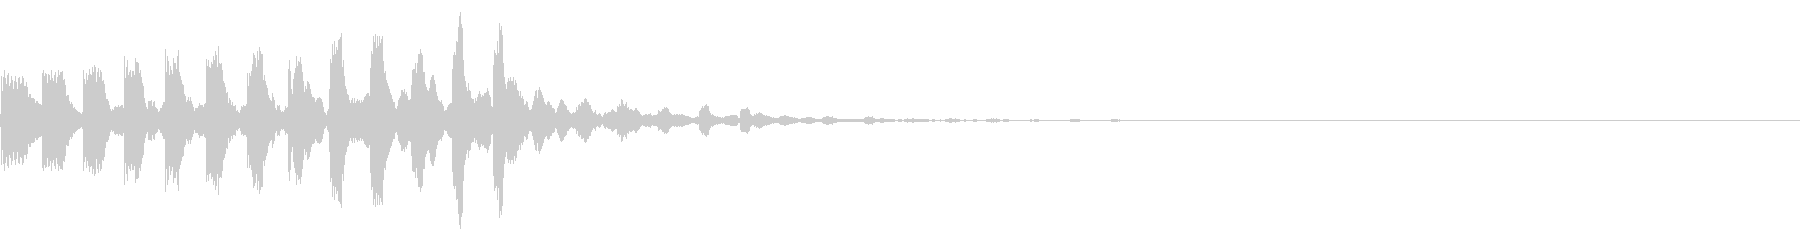 シンプルな効果音 シンセの半音階の未再生の波形